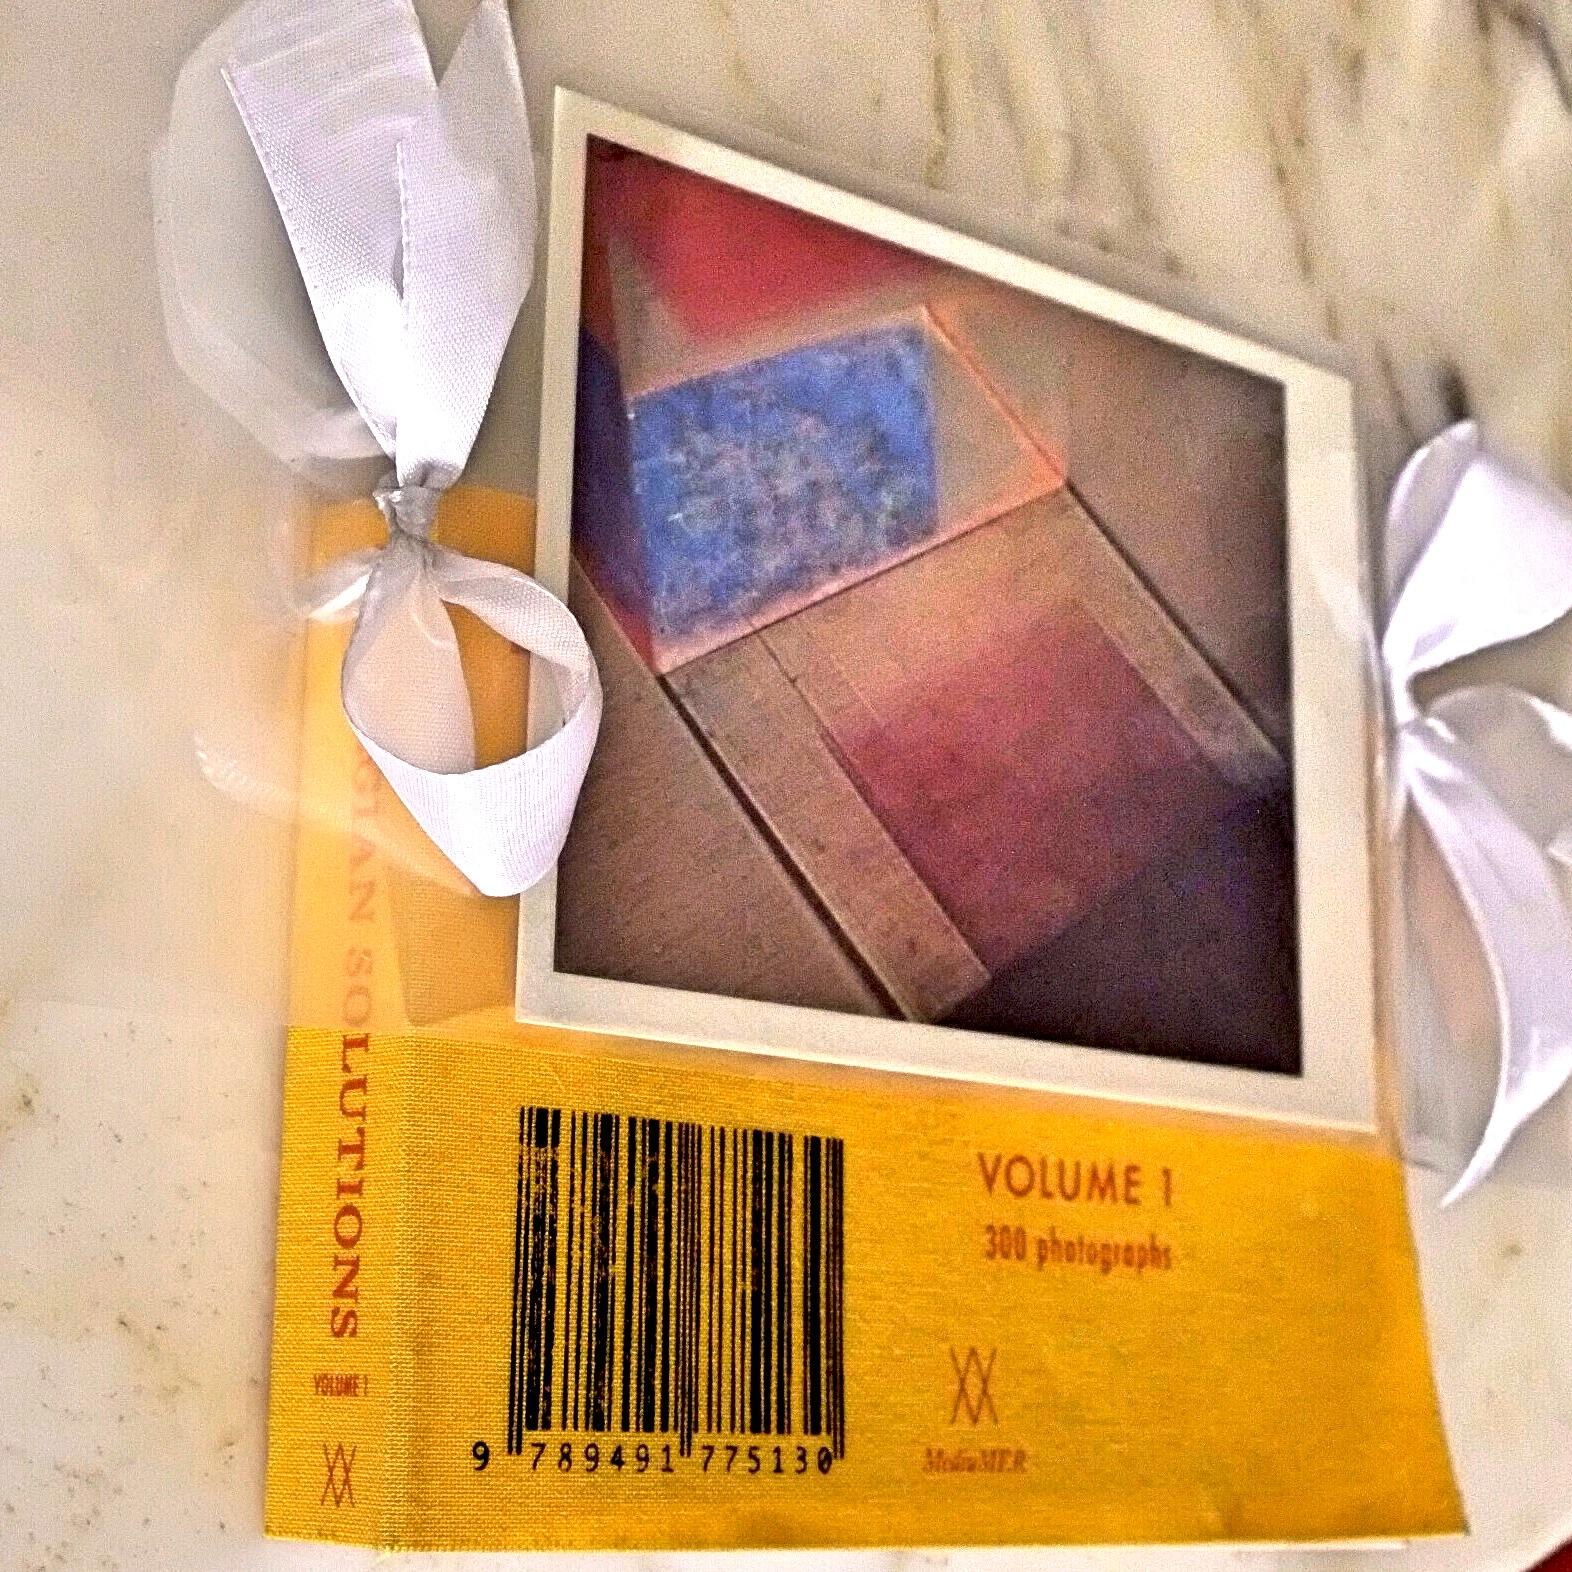 vierkant Iphone boek glijdt uit verpakking